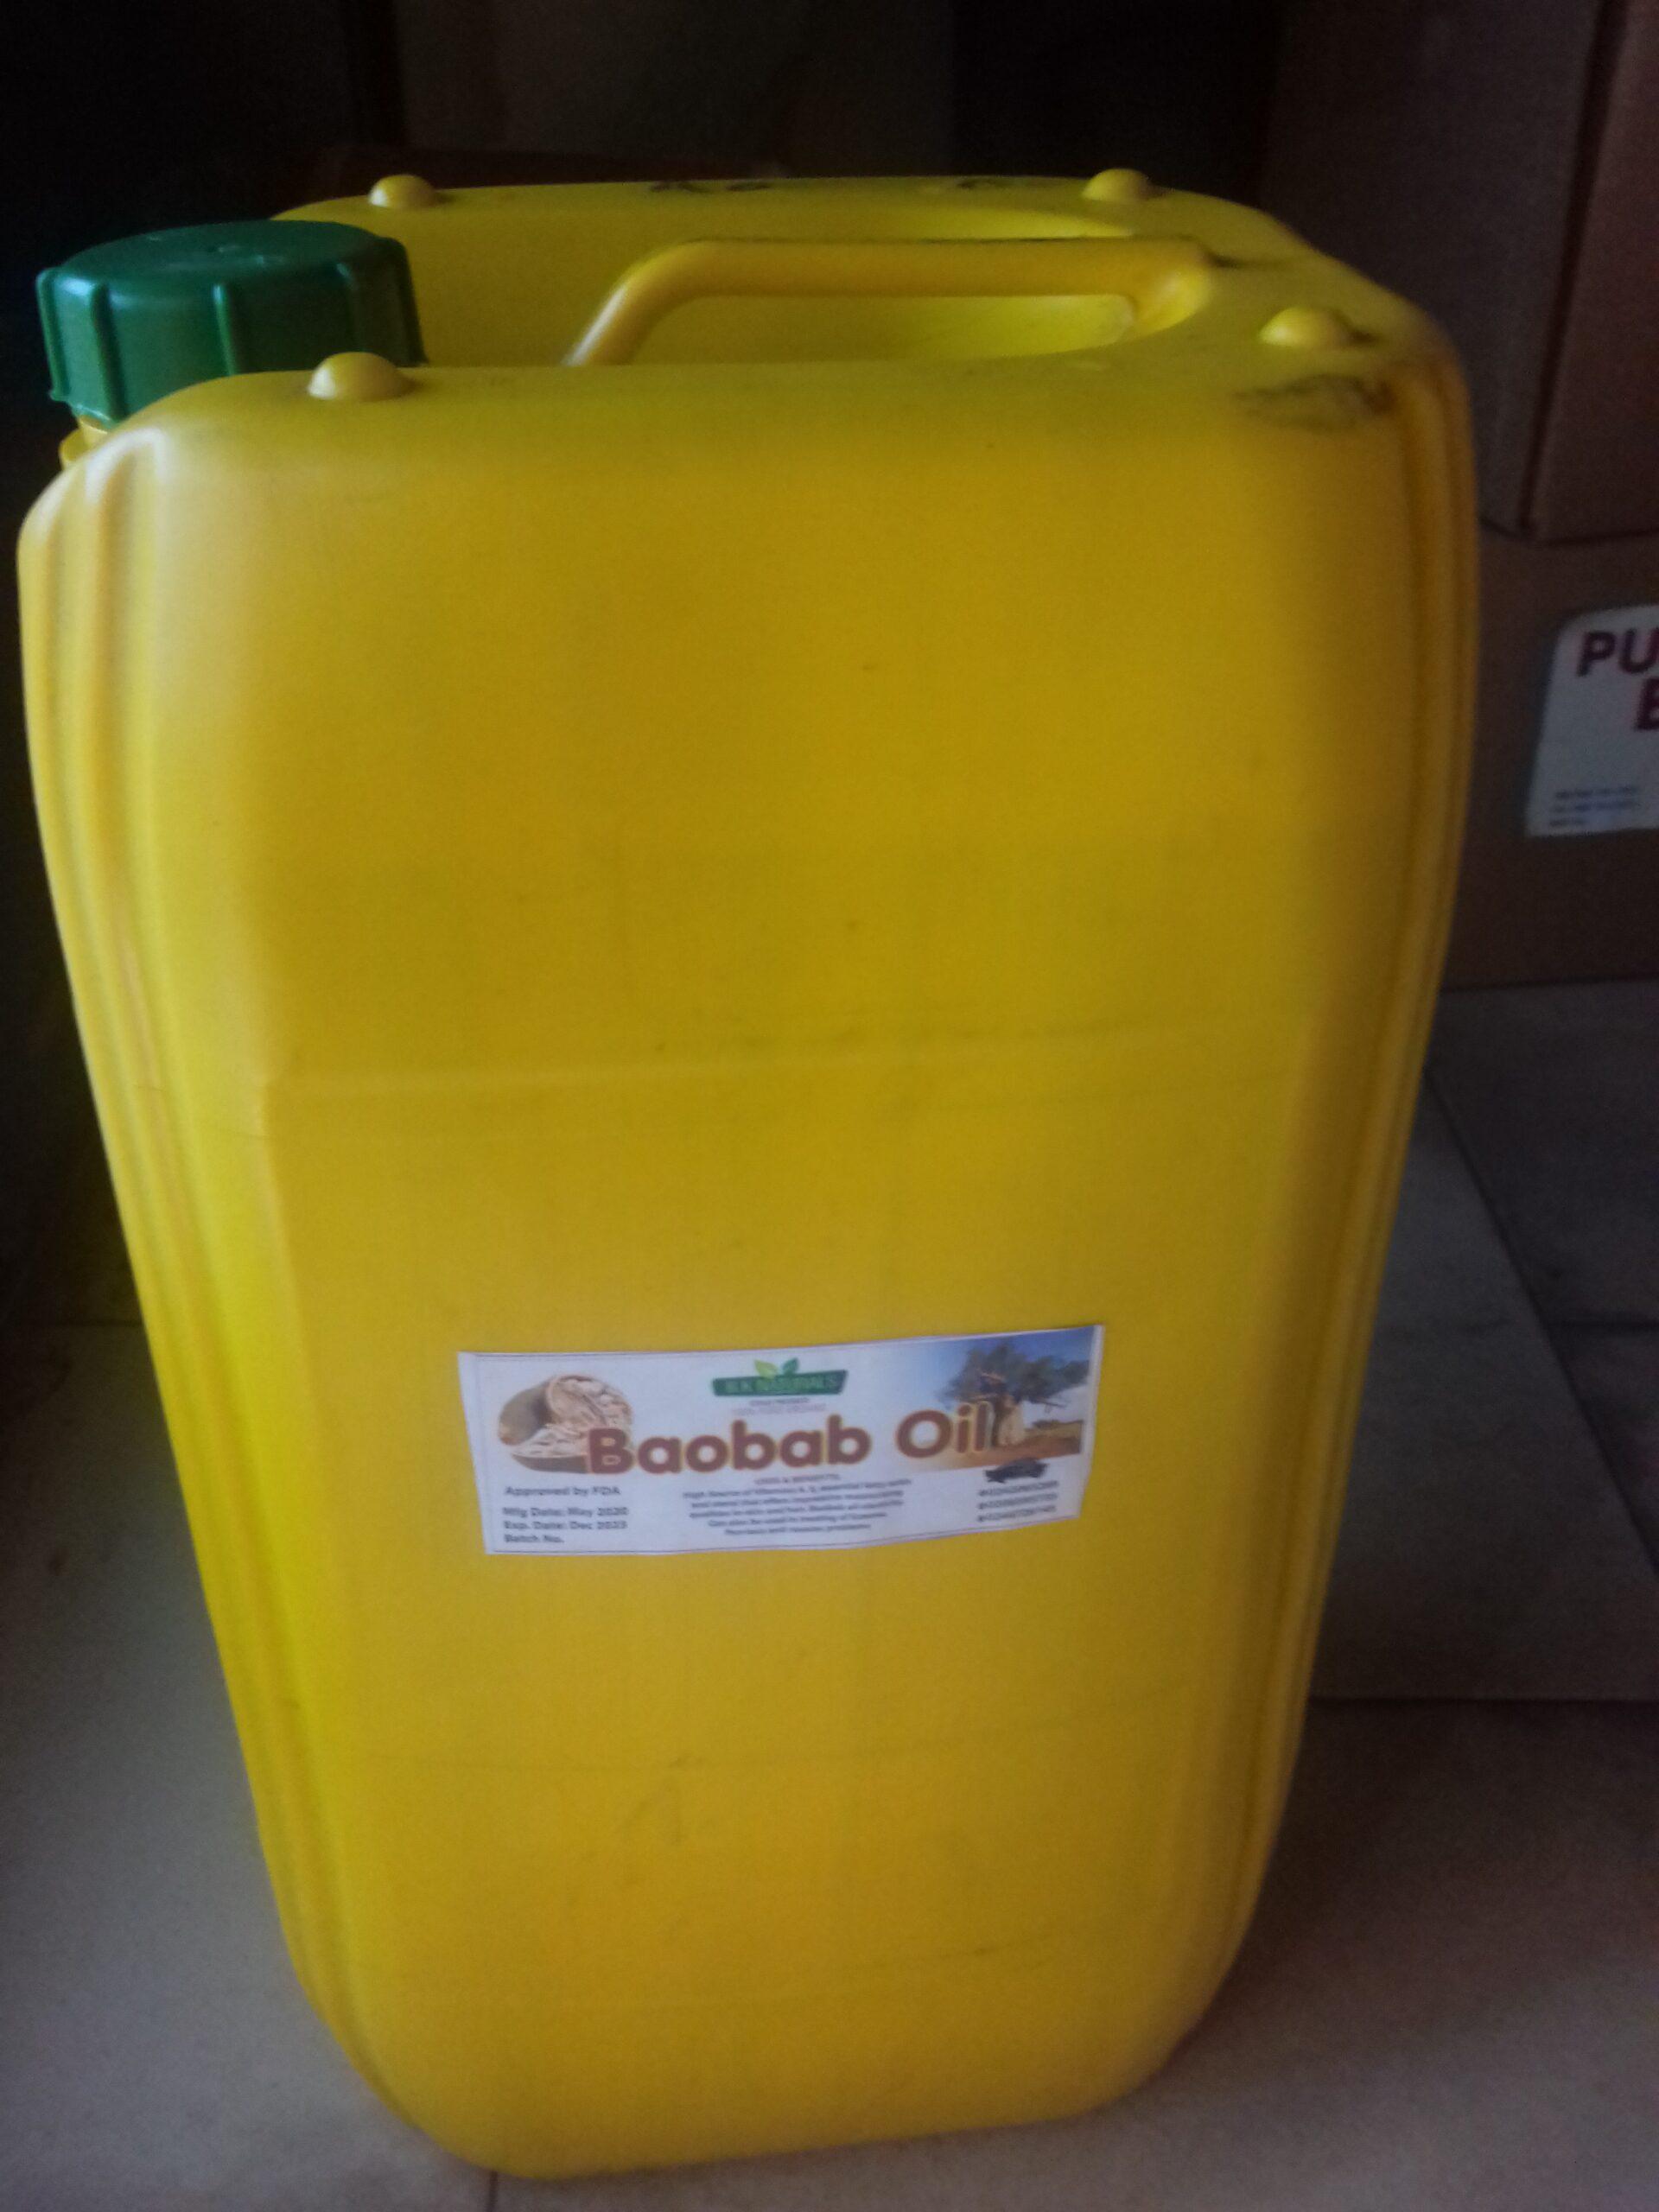 pure baoba oil 25 litre gallon